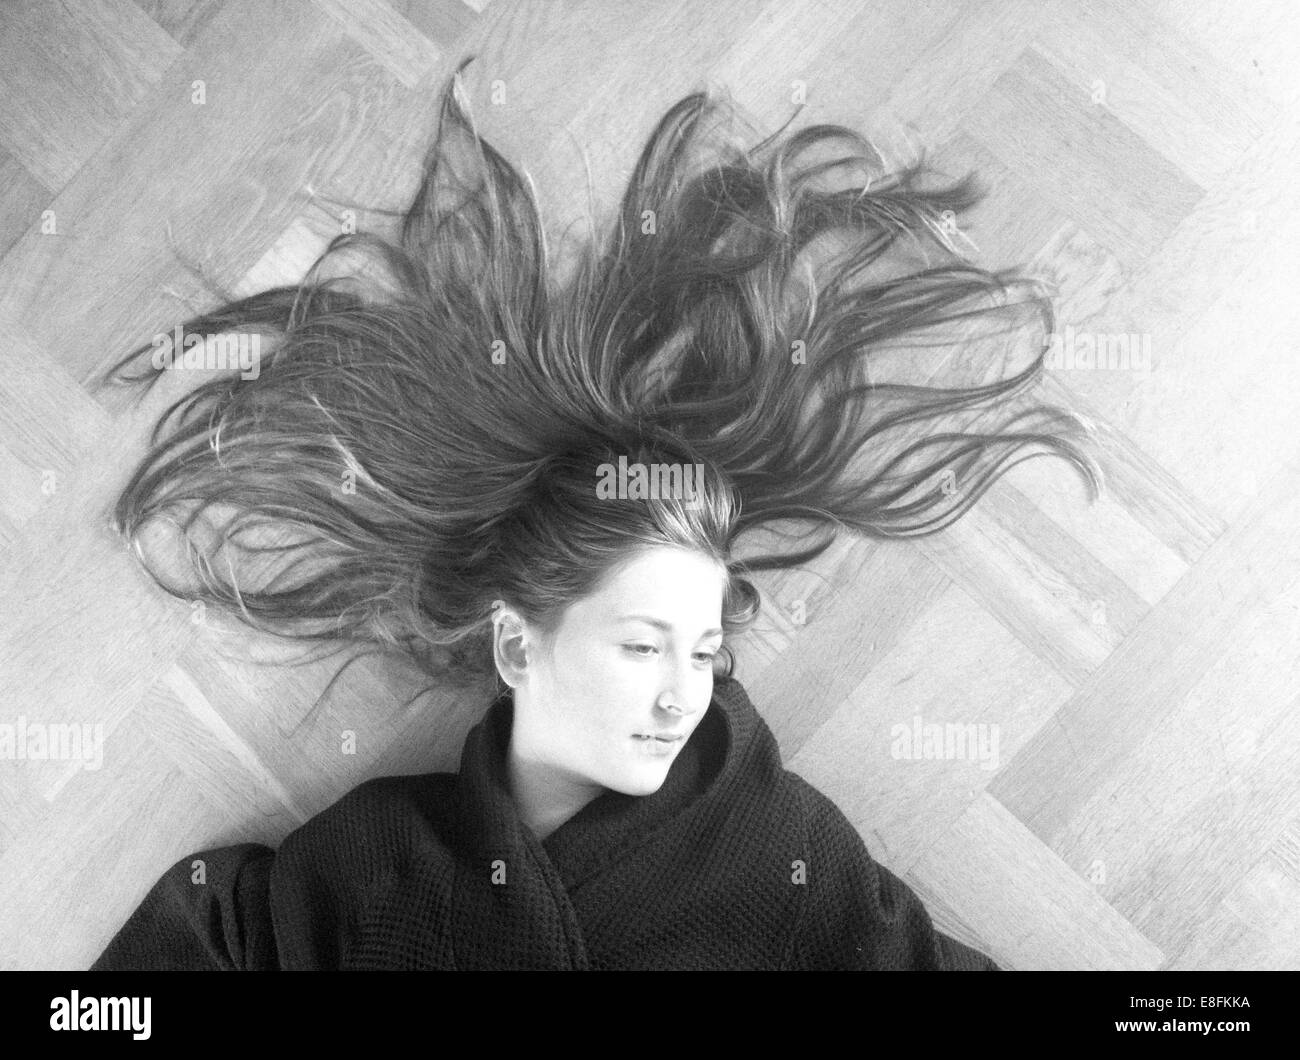 Chica recostada sobre un piso de madera con su cabello esparcido Imagen De Stock